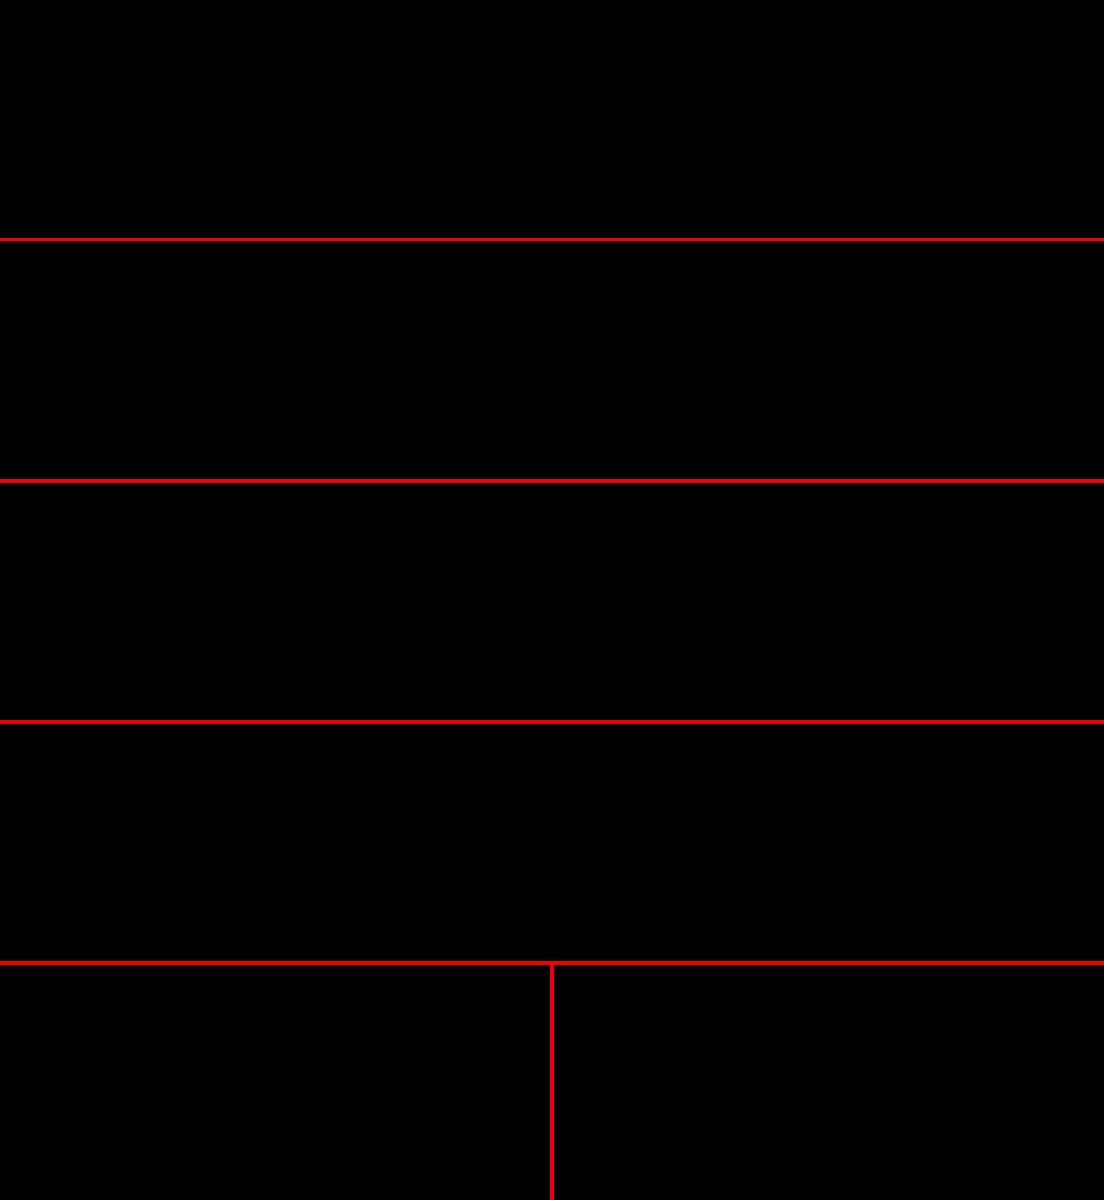 Ugaritic · pannous/hieros Wiki · GitHub